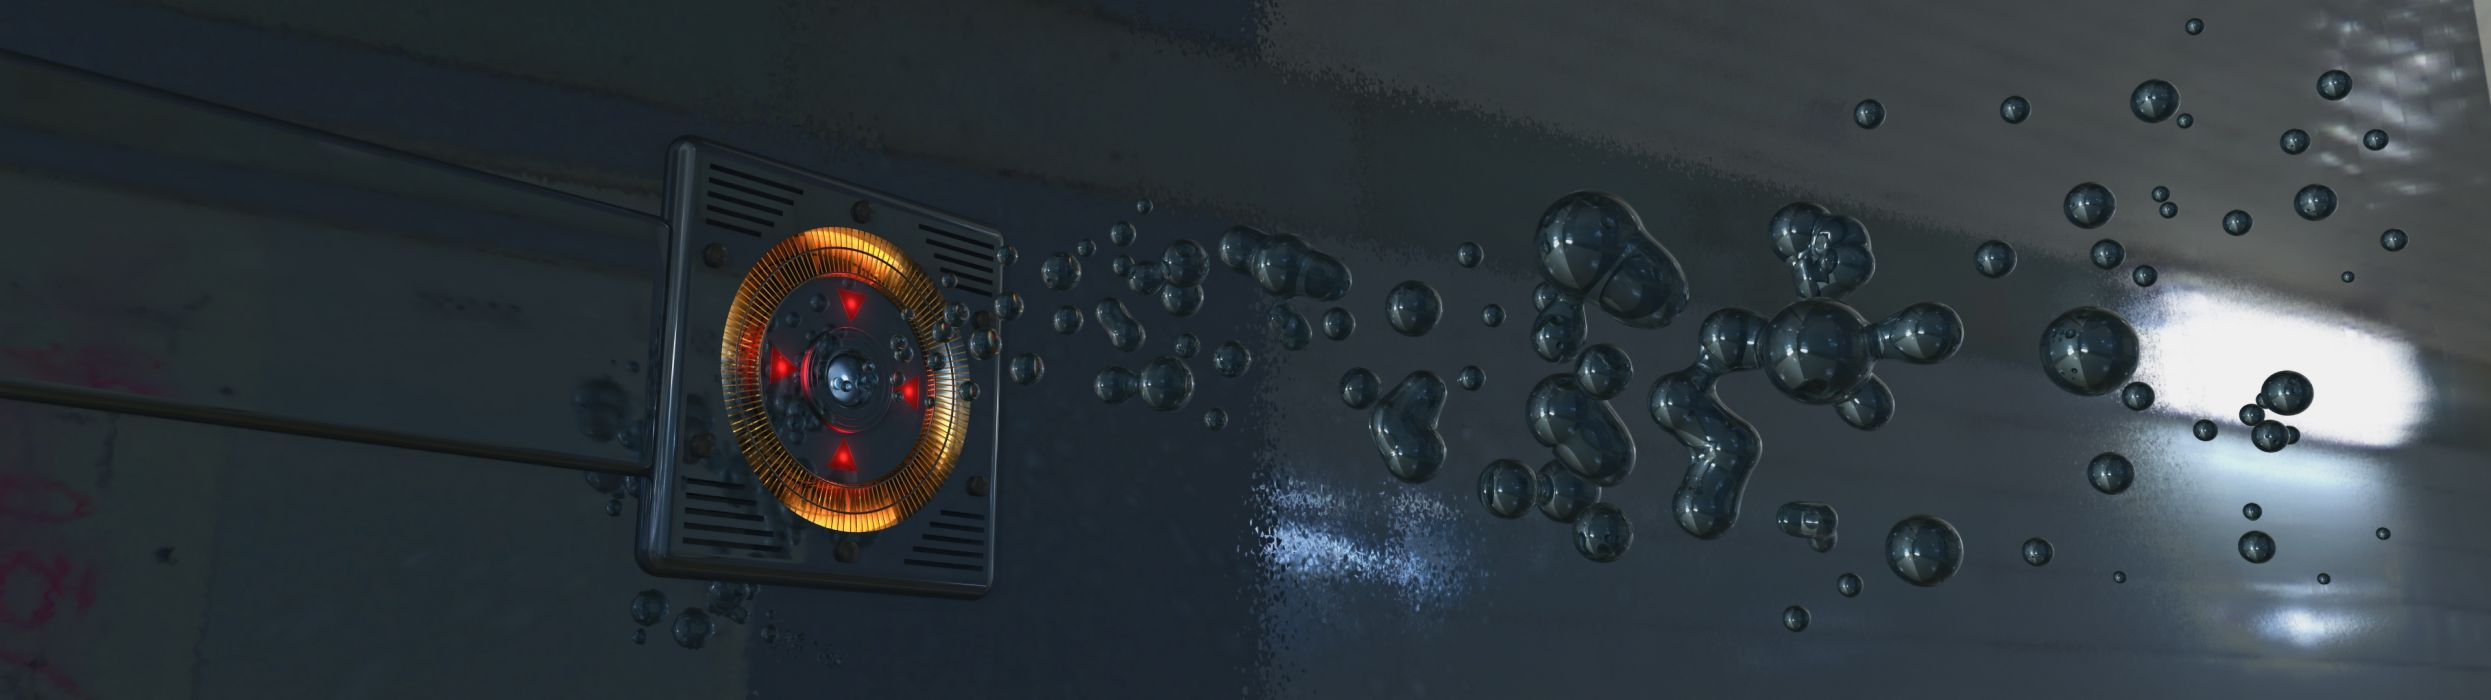 Liquid dispenser (3840x1080) wallpaper